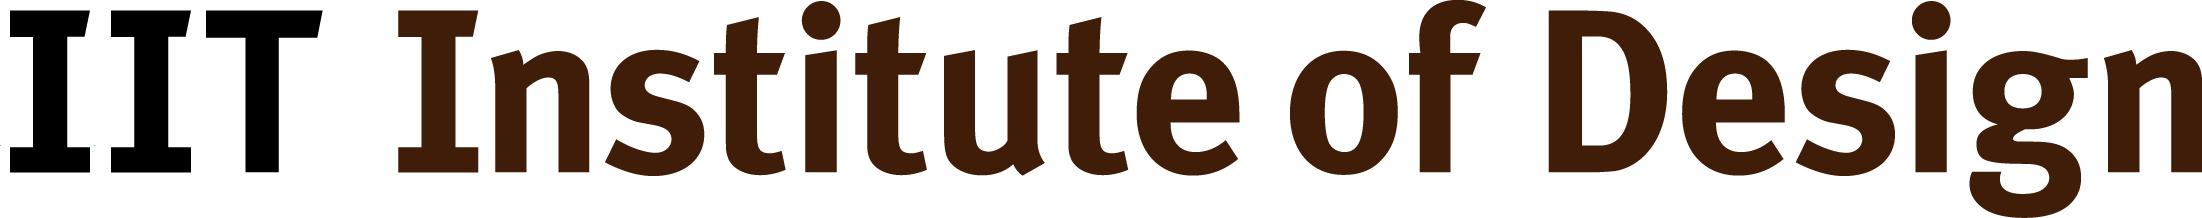 2%2f28%2fiitid logo